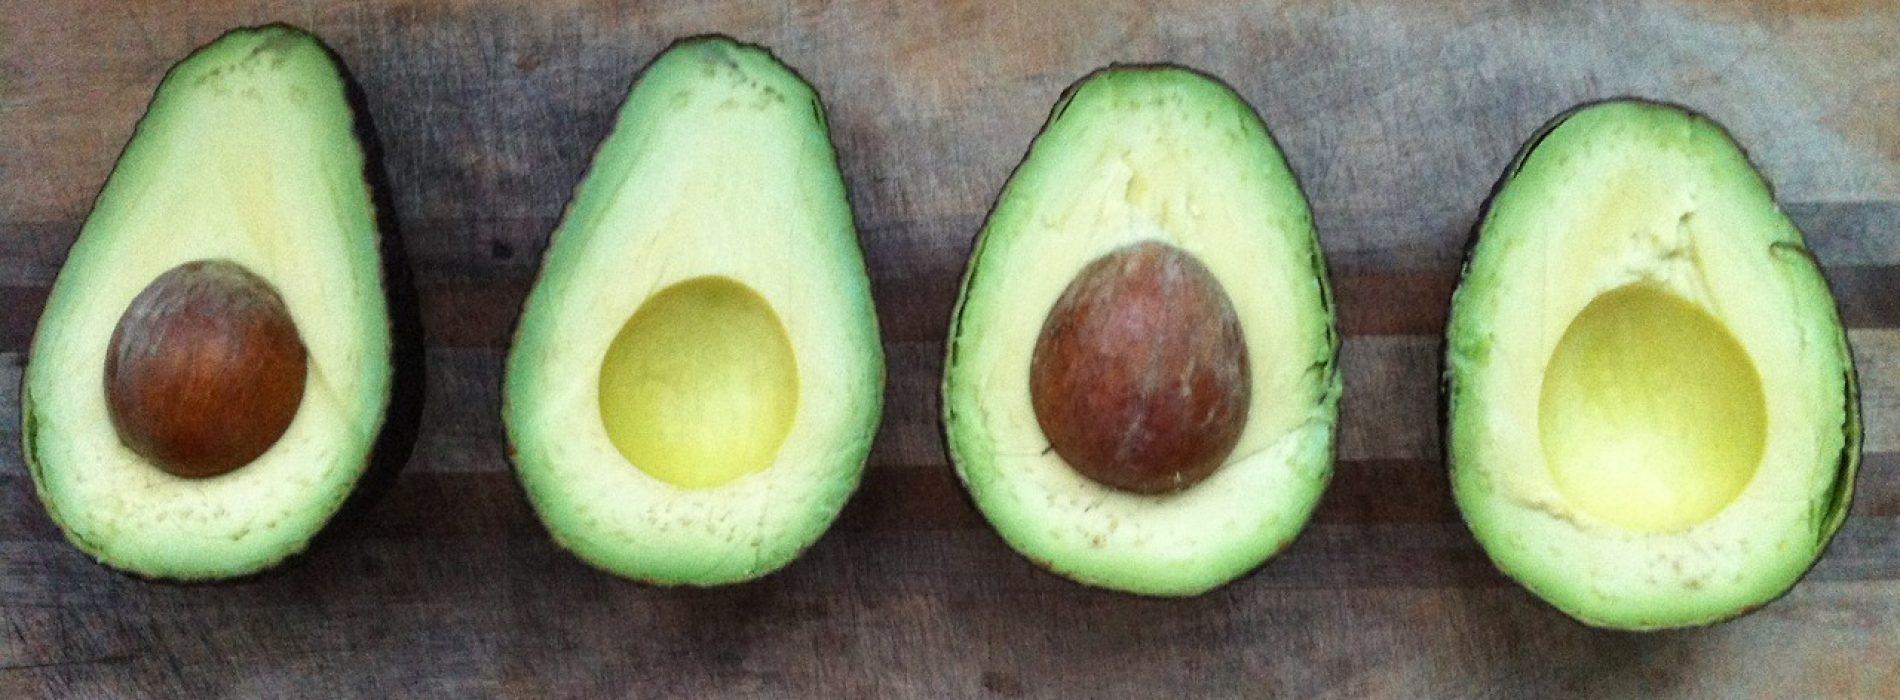 Wat het gezondste deel van een avocado is? Dit had ik echt never nooit verwacht!